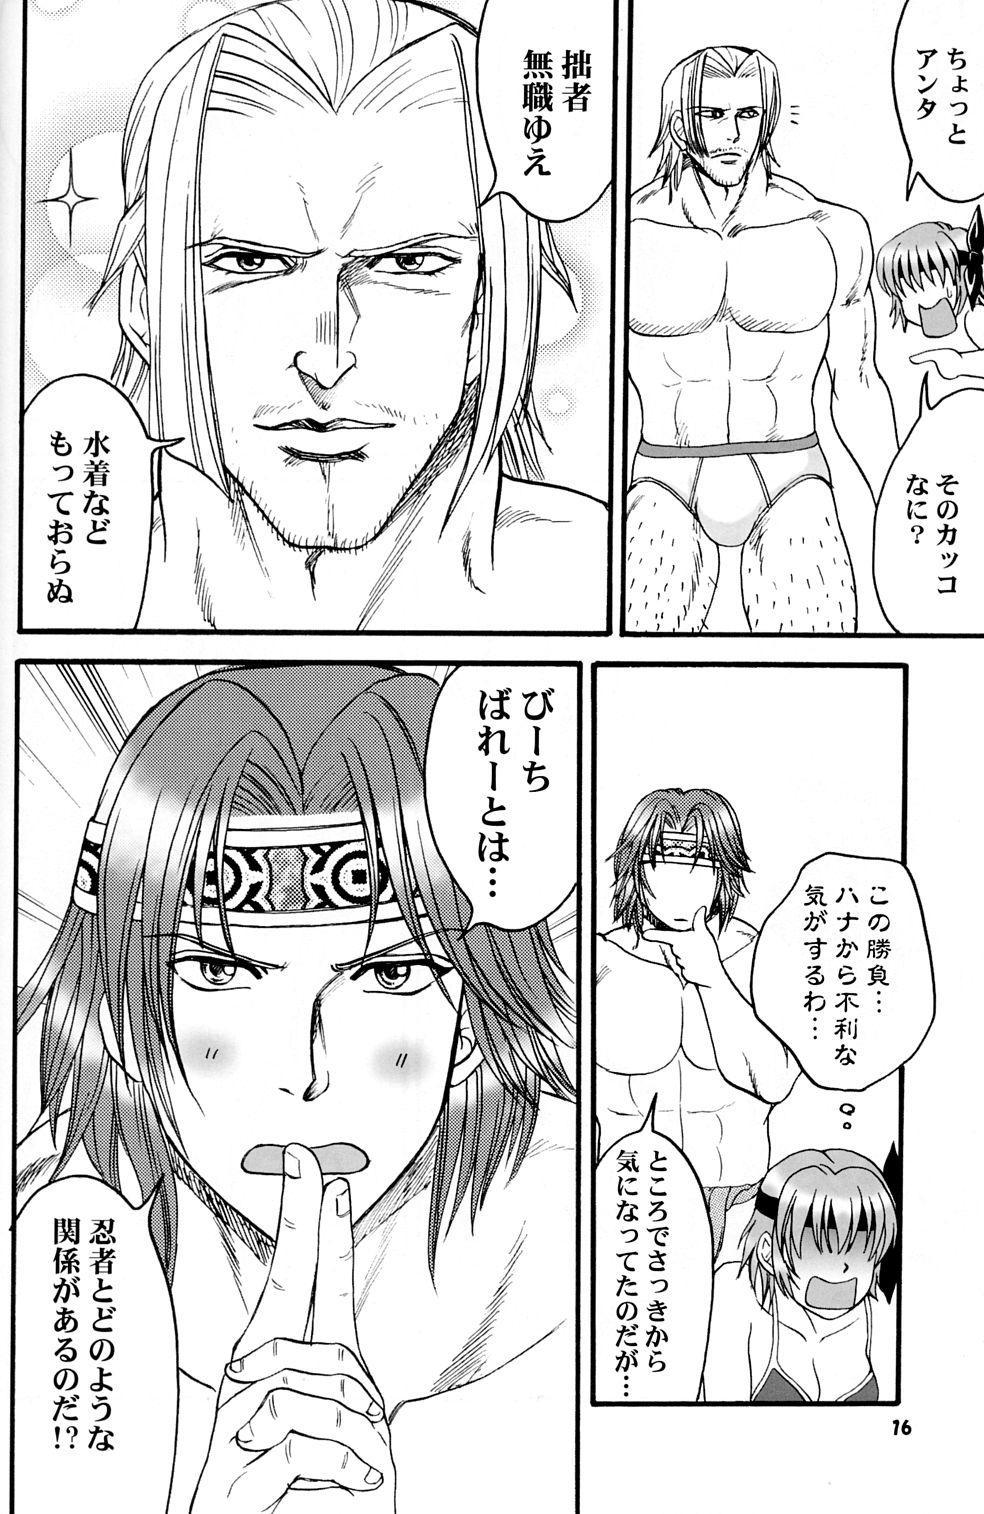 Gokujou desu yo! - It's XTREME! 14